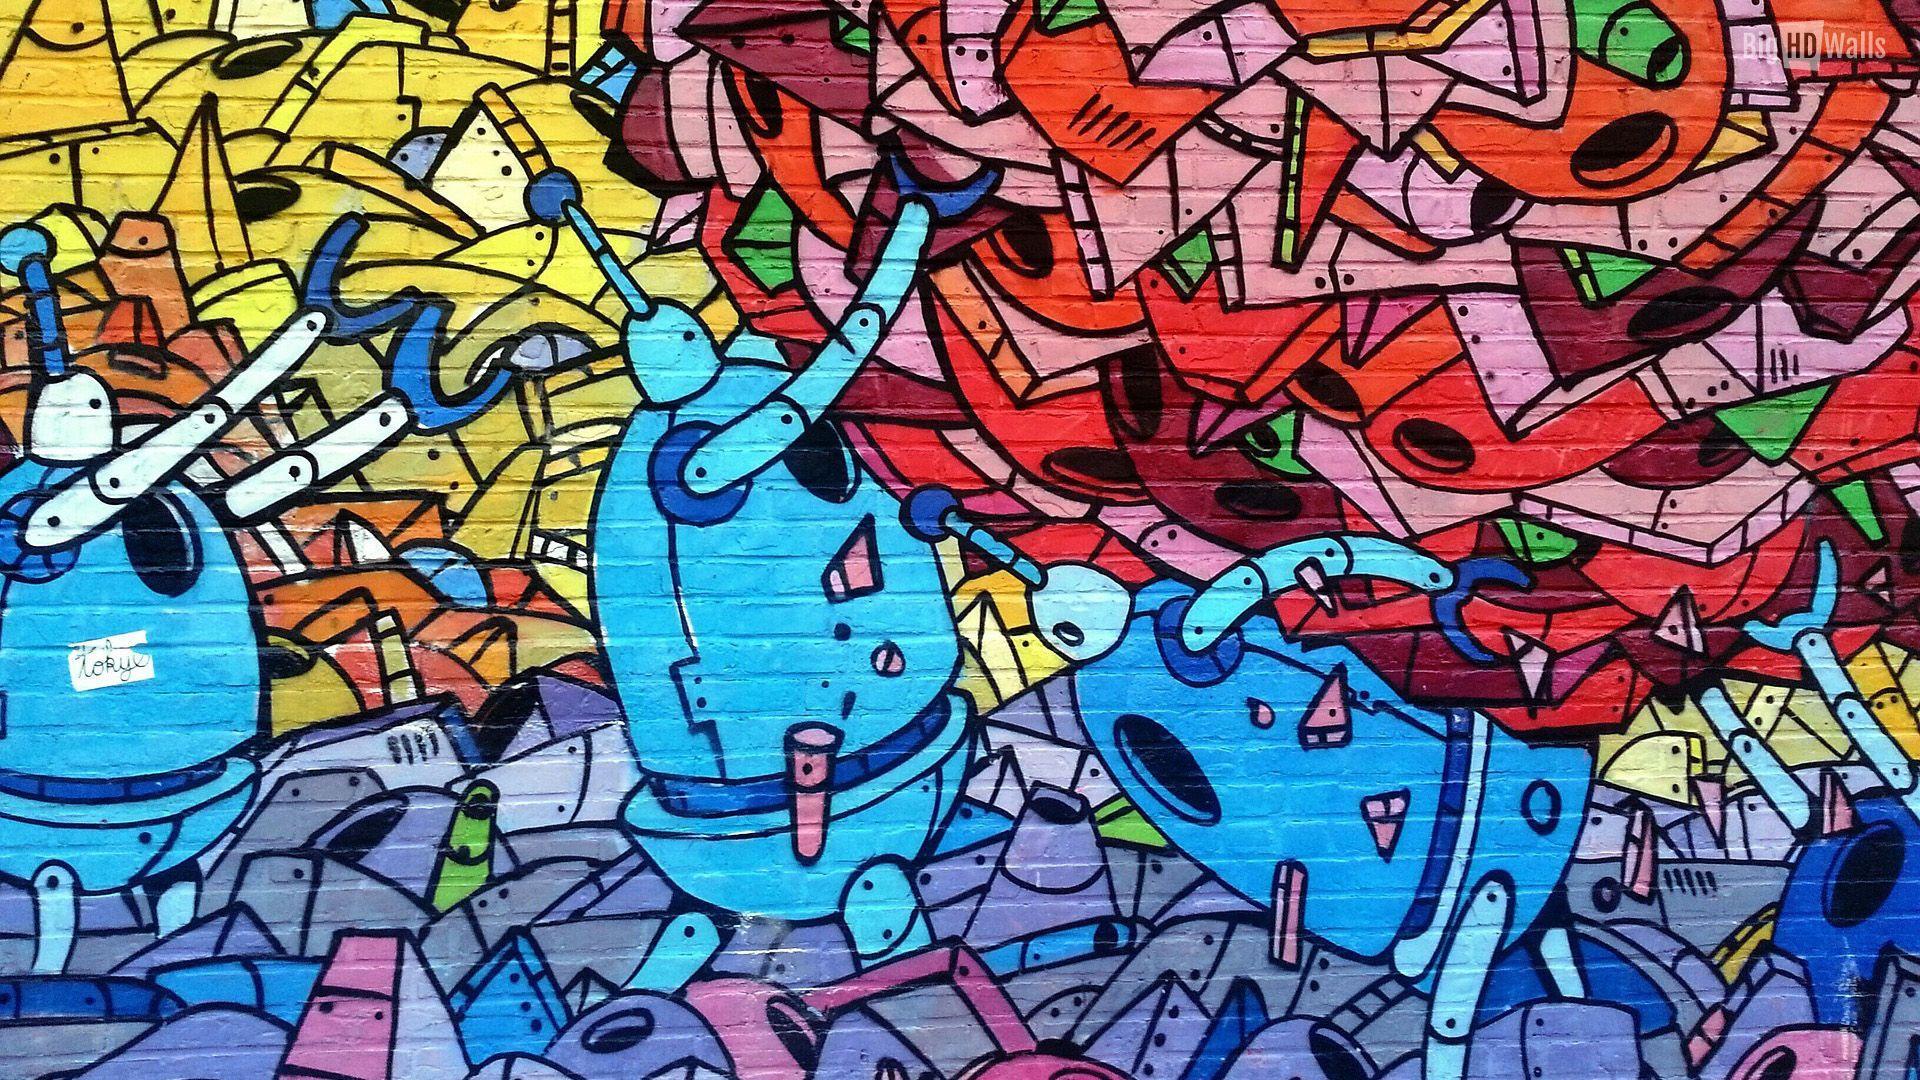 1920x1080 Hình nền Graffiti nghệ thuật đường phố